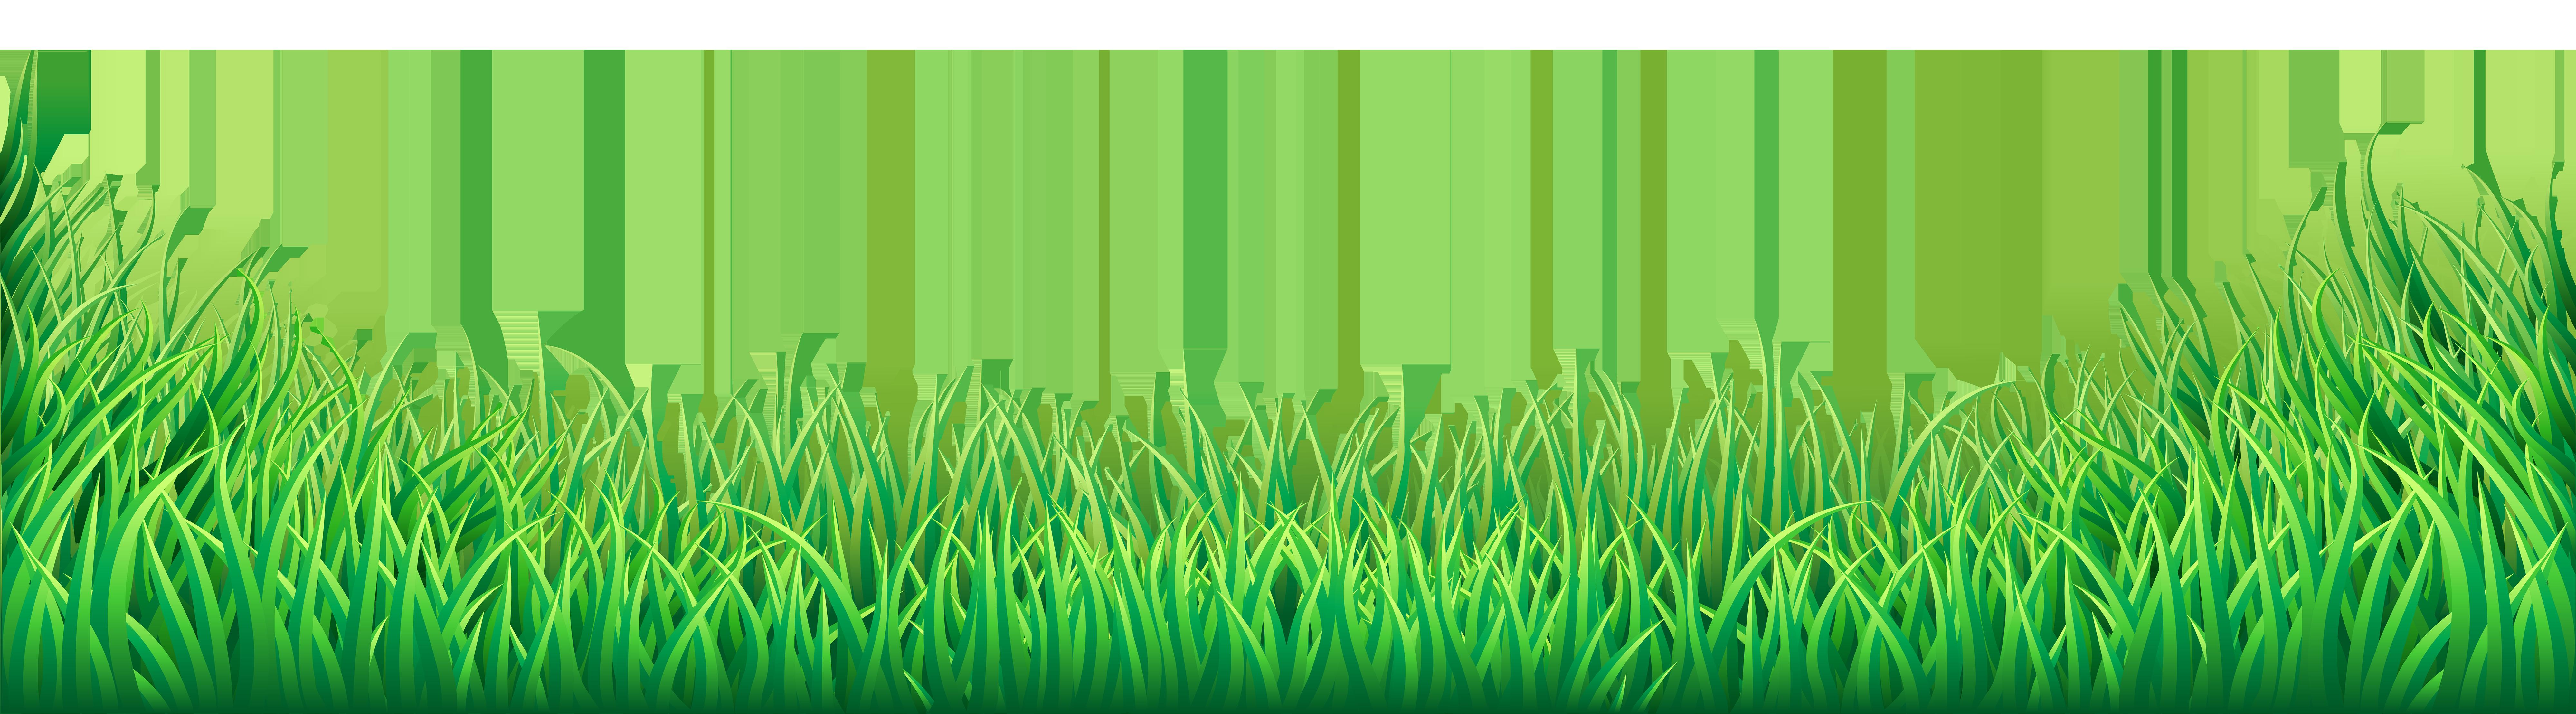 Grass PNG - 8630